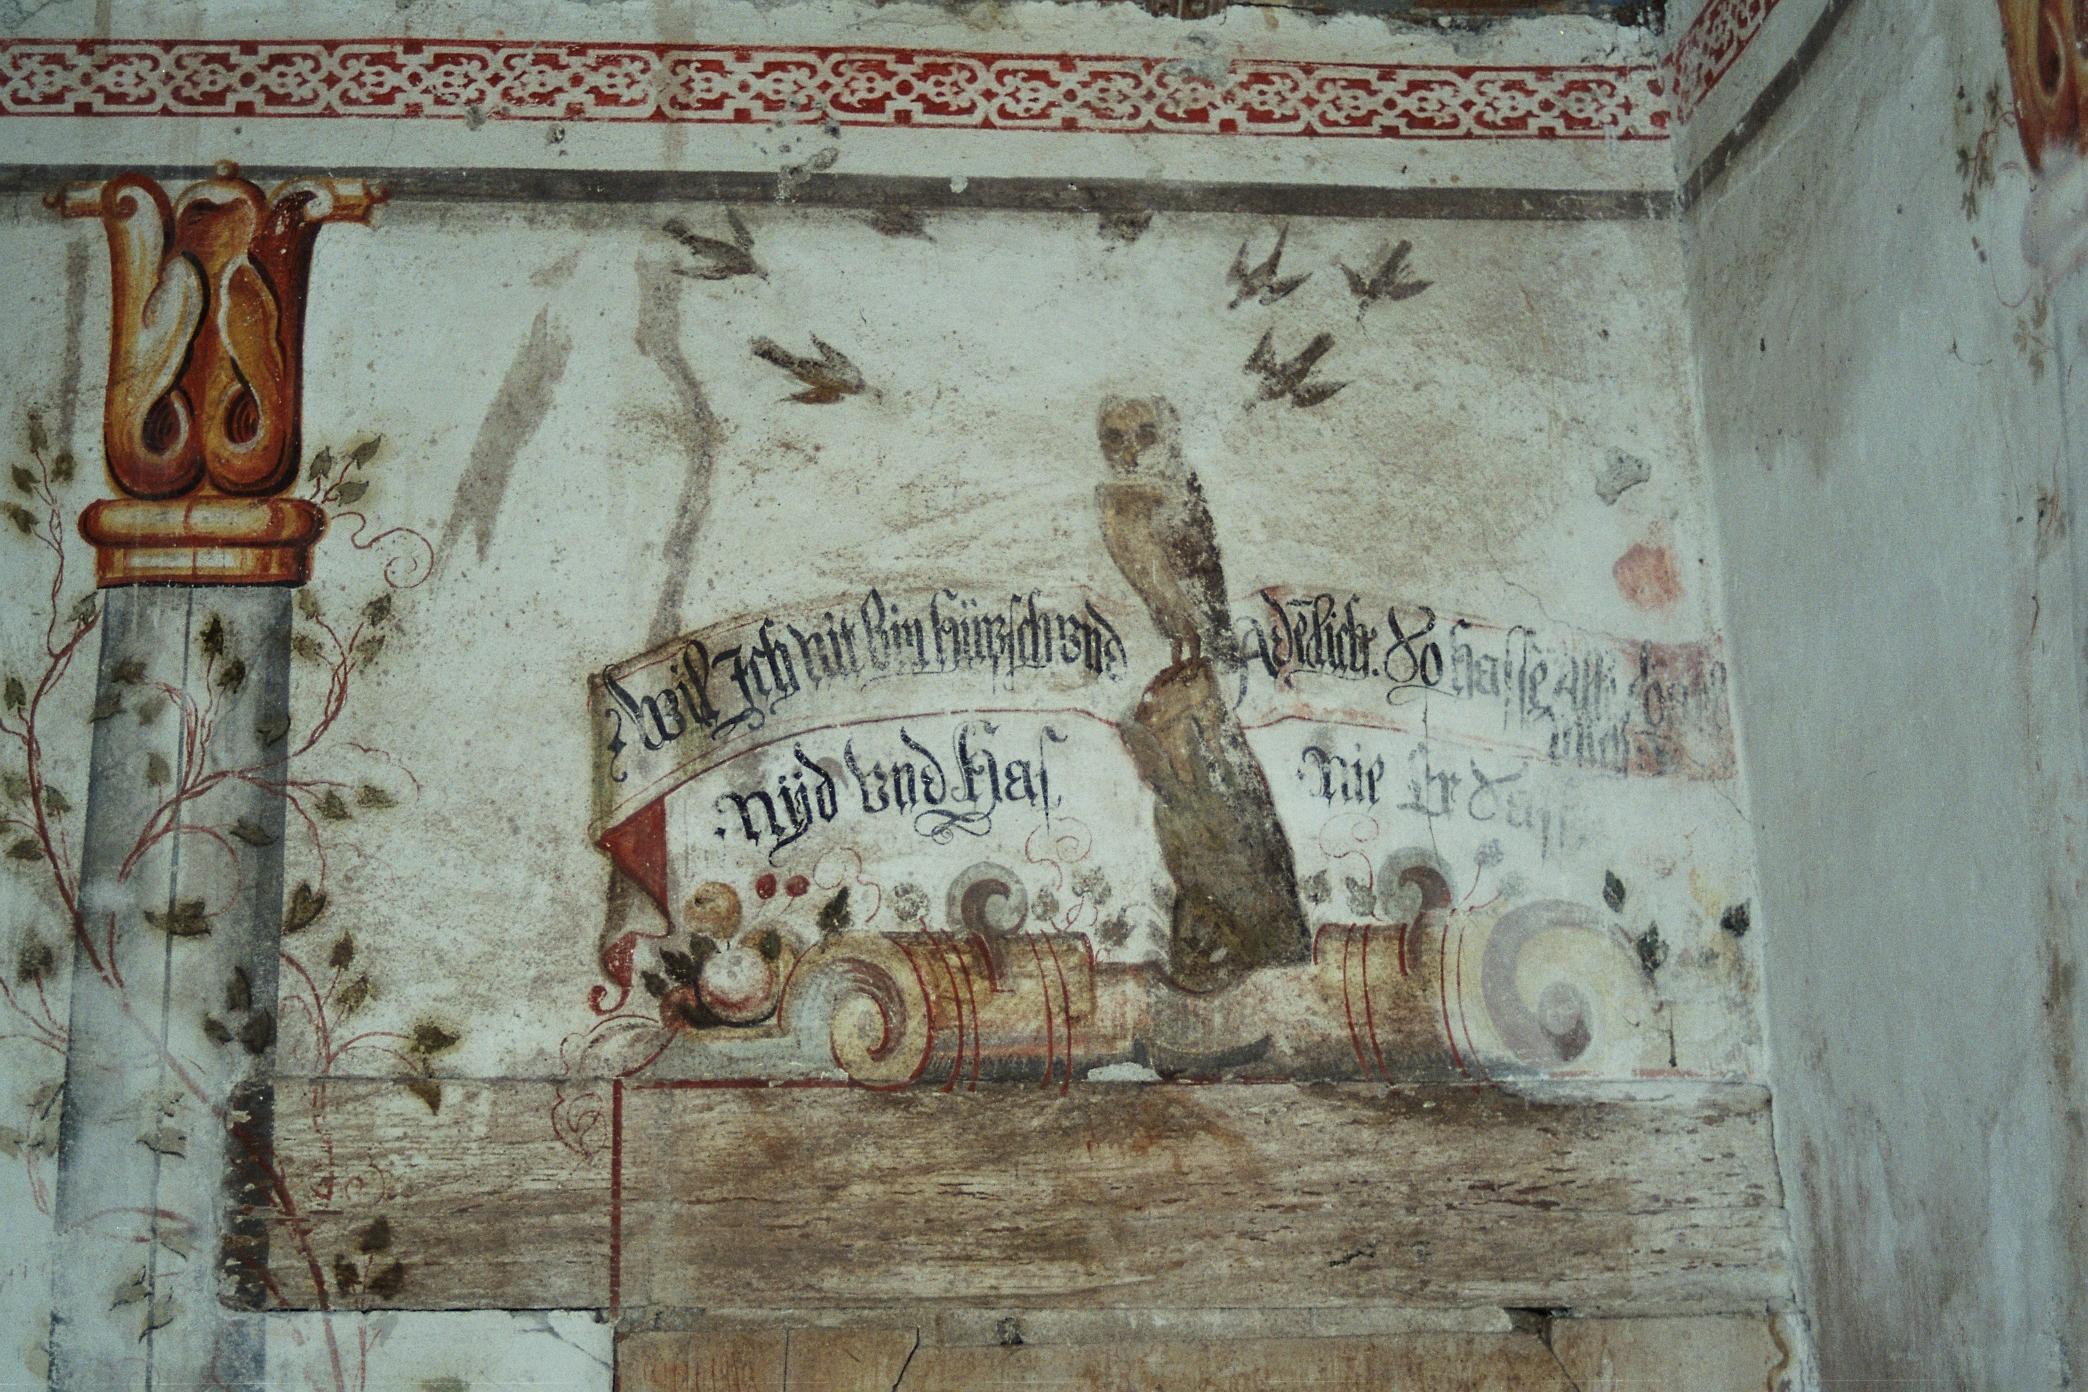 Paradies im Keller, Malerei 1636 Bürglen (UR)